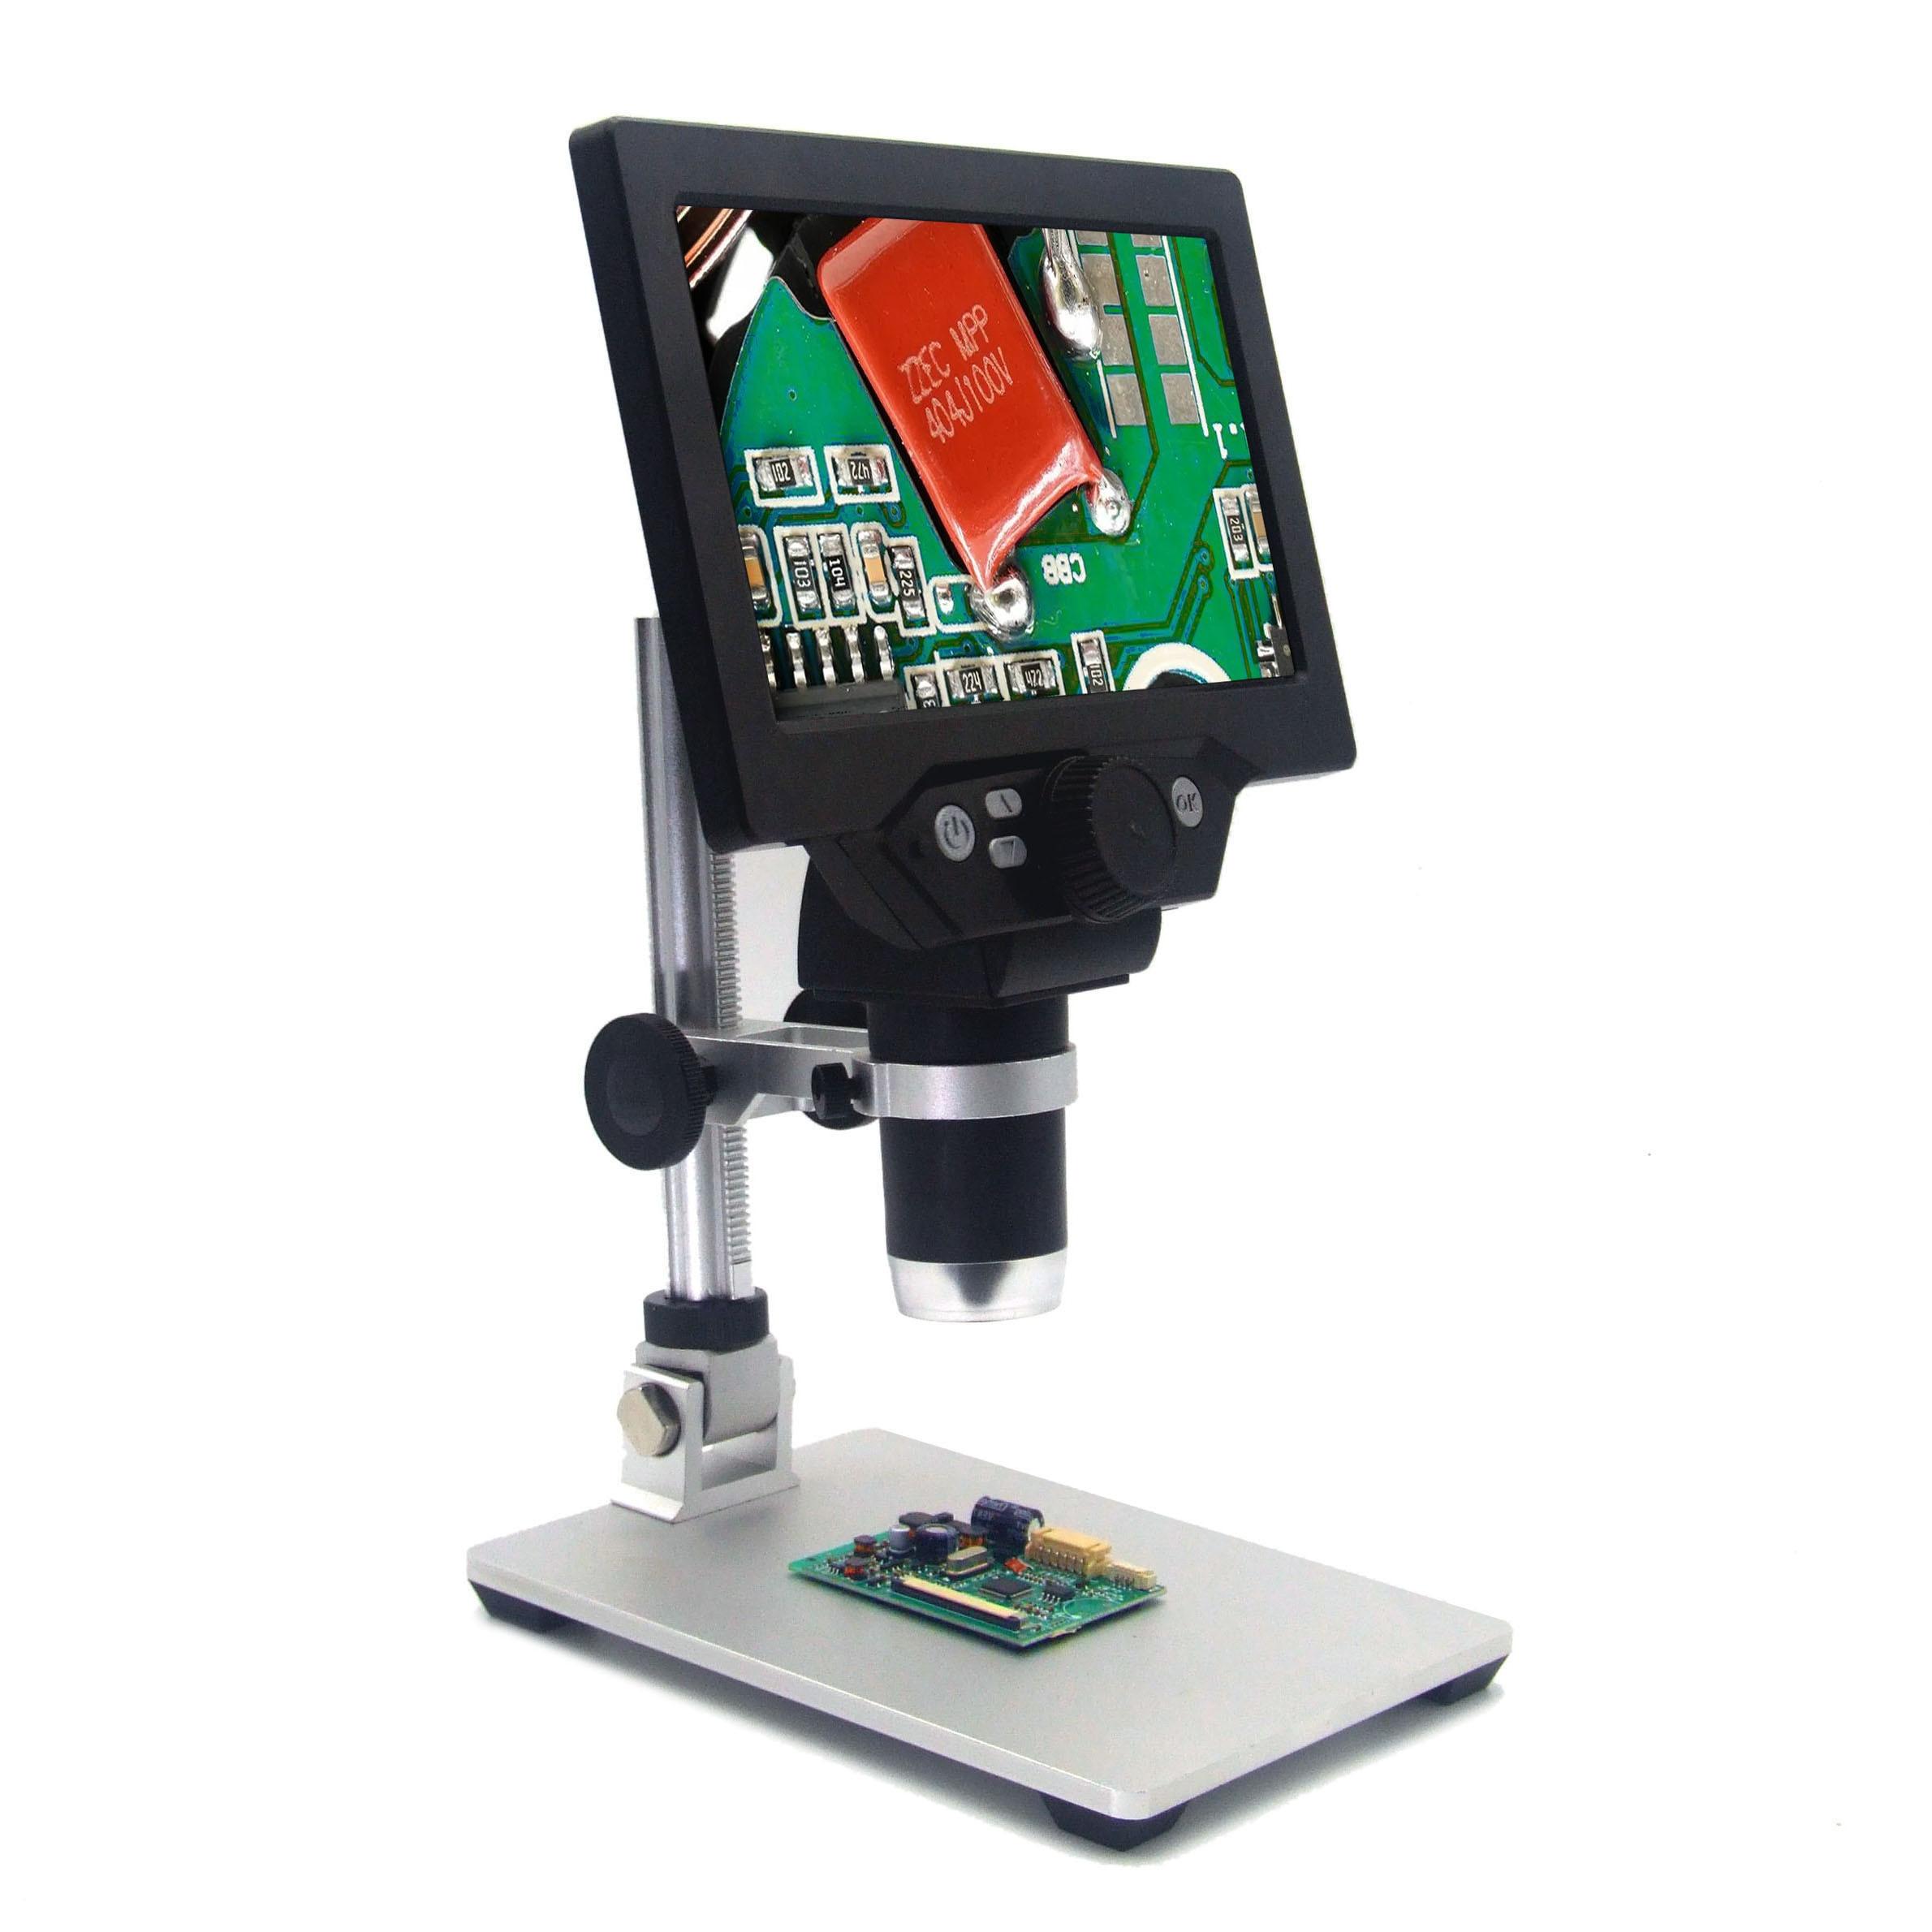 'HD 12MP 1 1200X LCD Digitale Microscoop Elektronische Video Microscopen Pcb BGA SMT Solderen Telefoon Reparatie Vergrootglas Legering Stand - 3